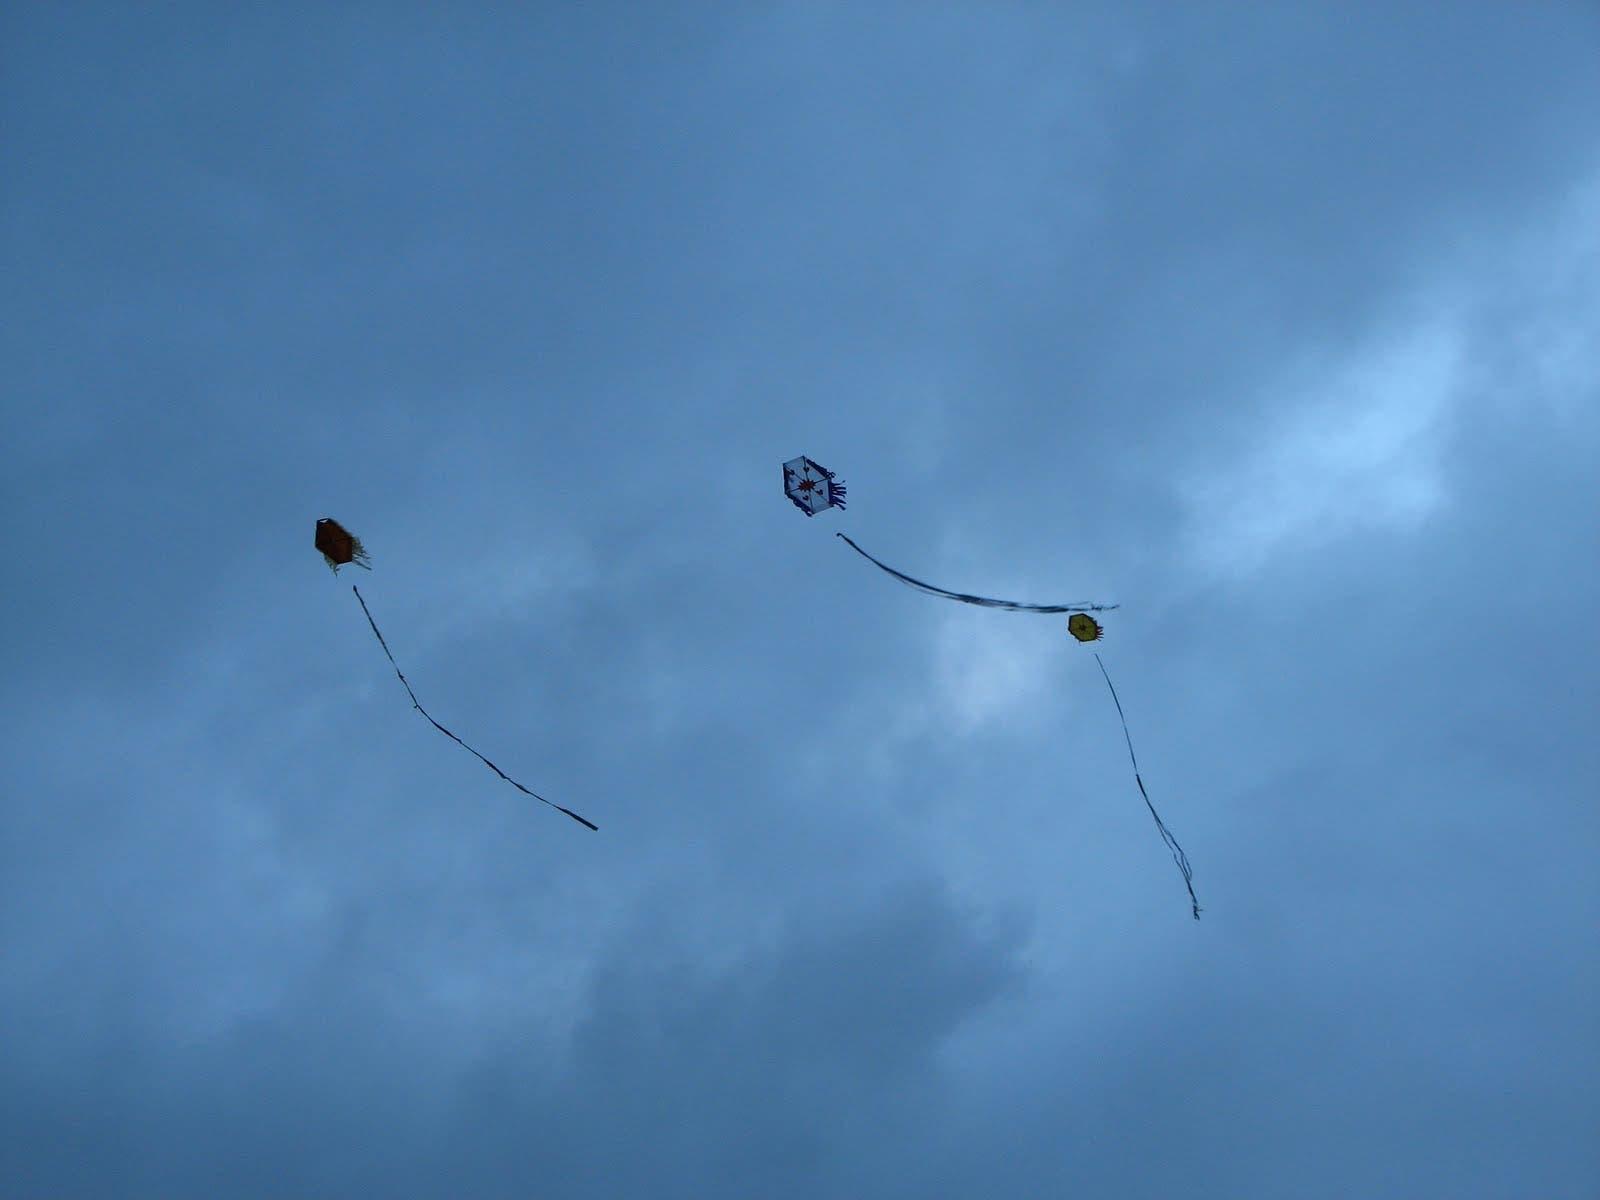 Estaban volando chichiguas cuando se produjo discusión, ambos sacaron armas y uno murió